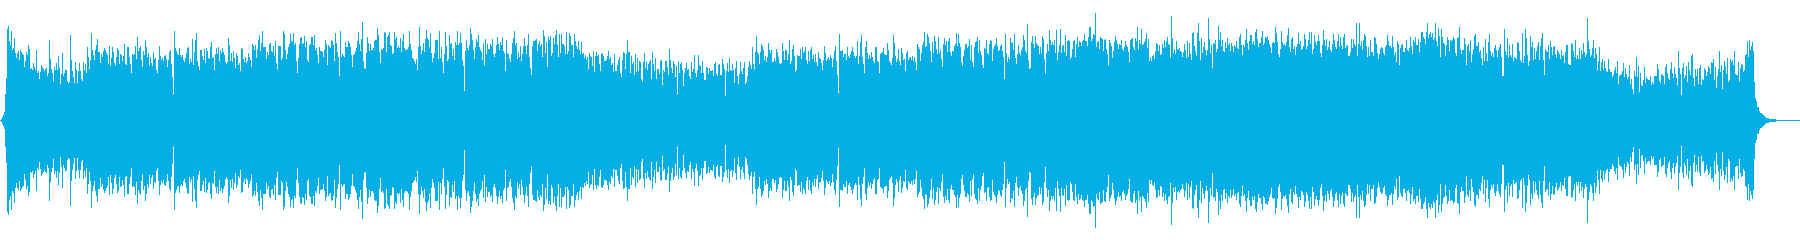 力強く悲しい孤高のソプラノサックスの再生済みの波形